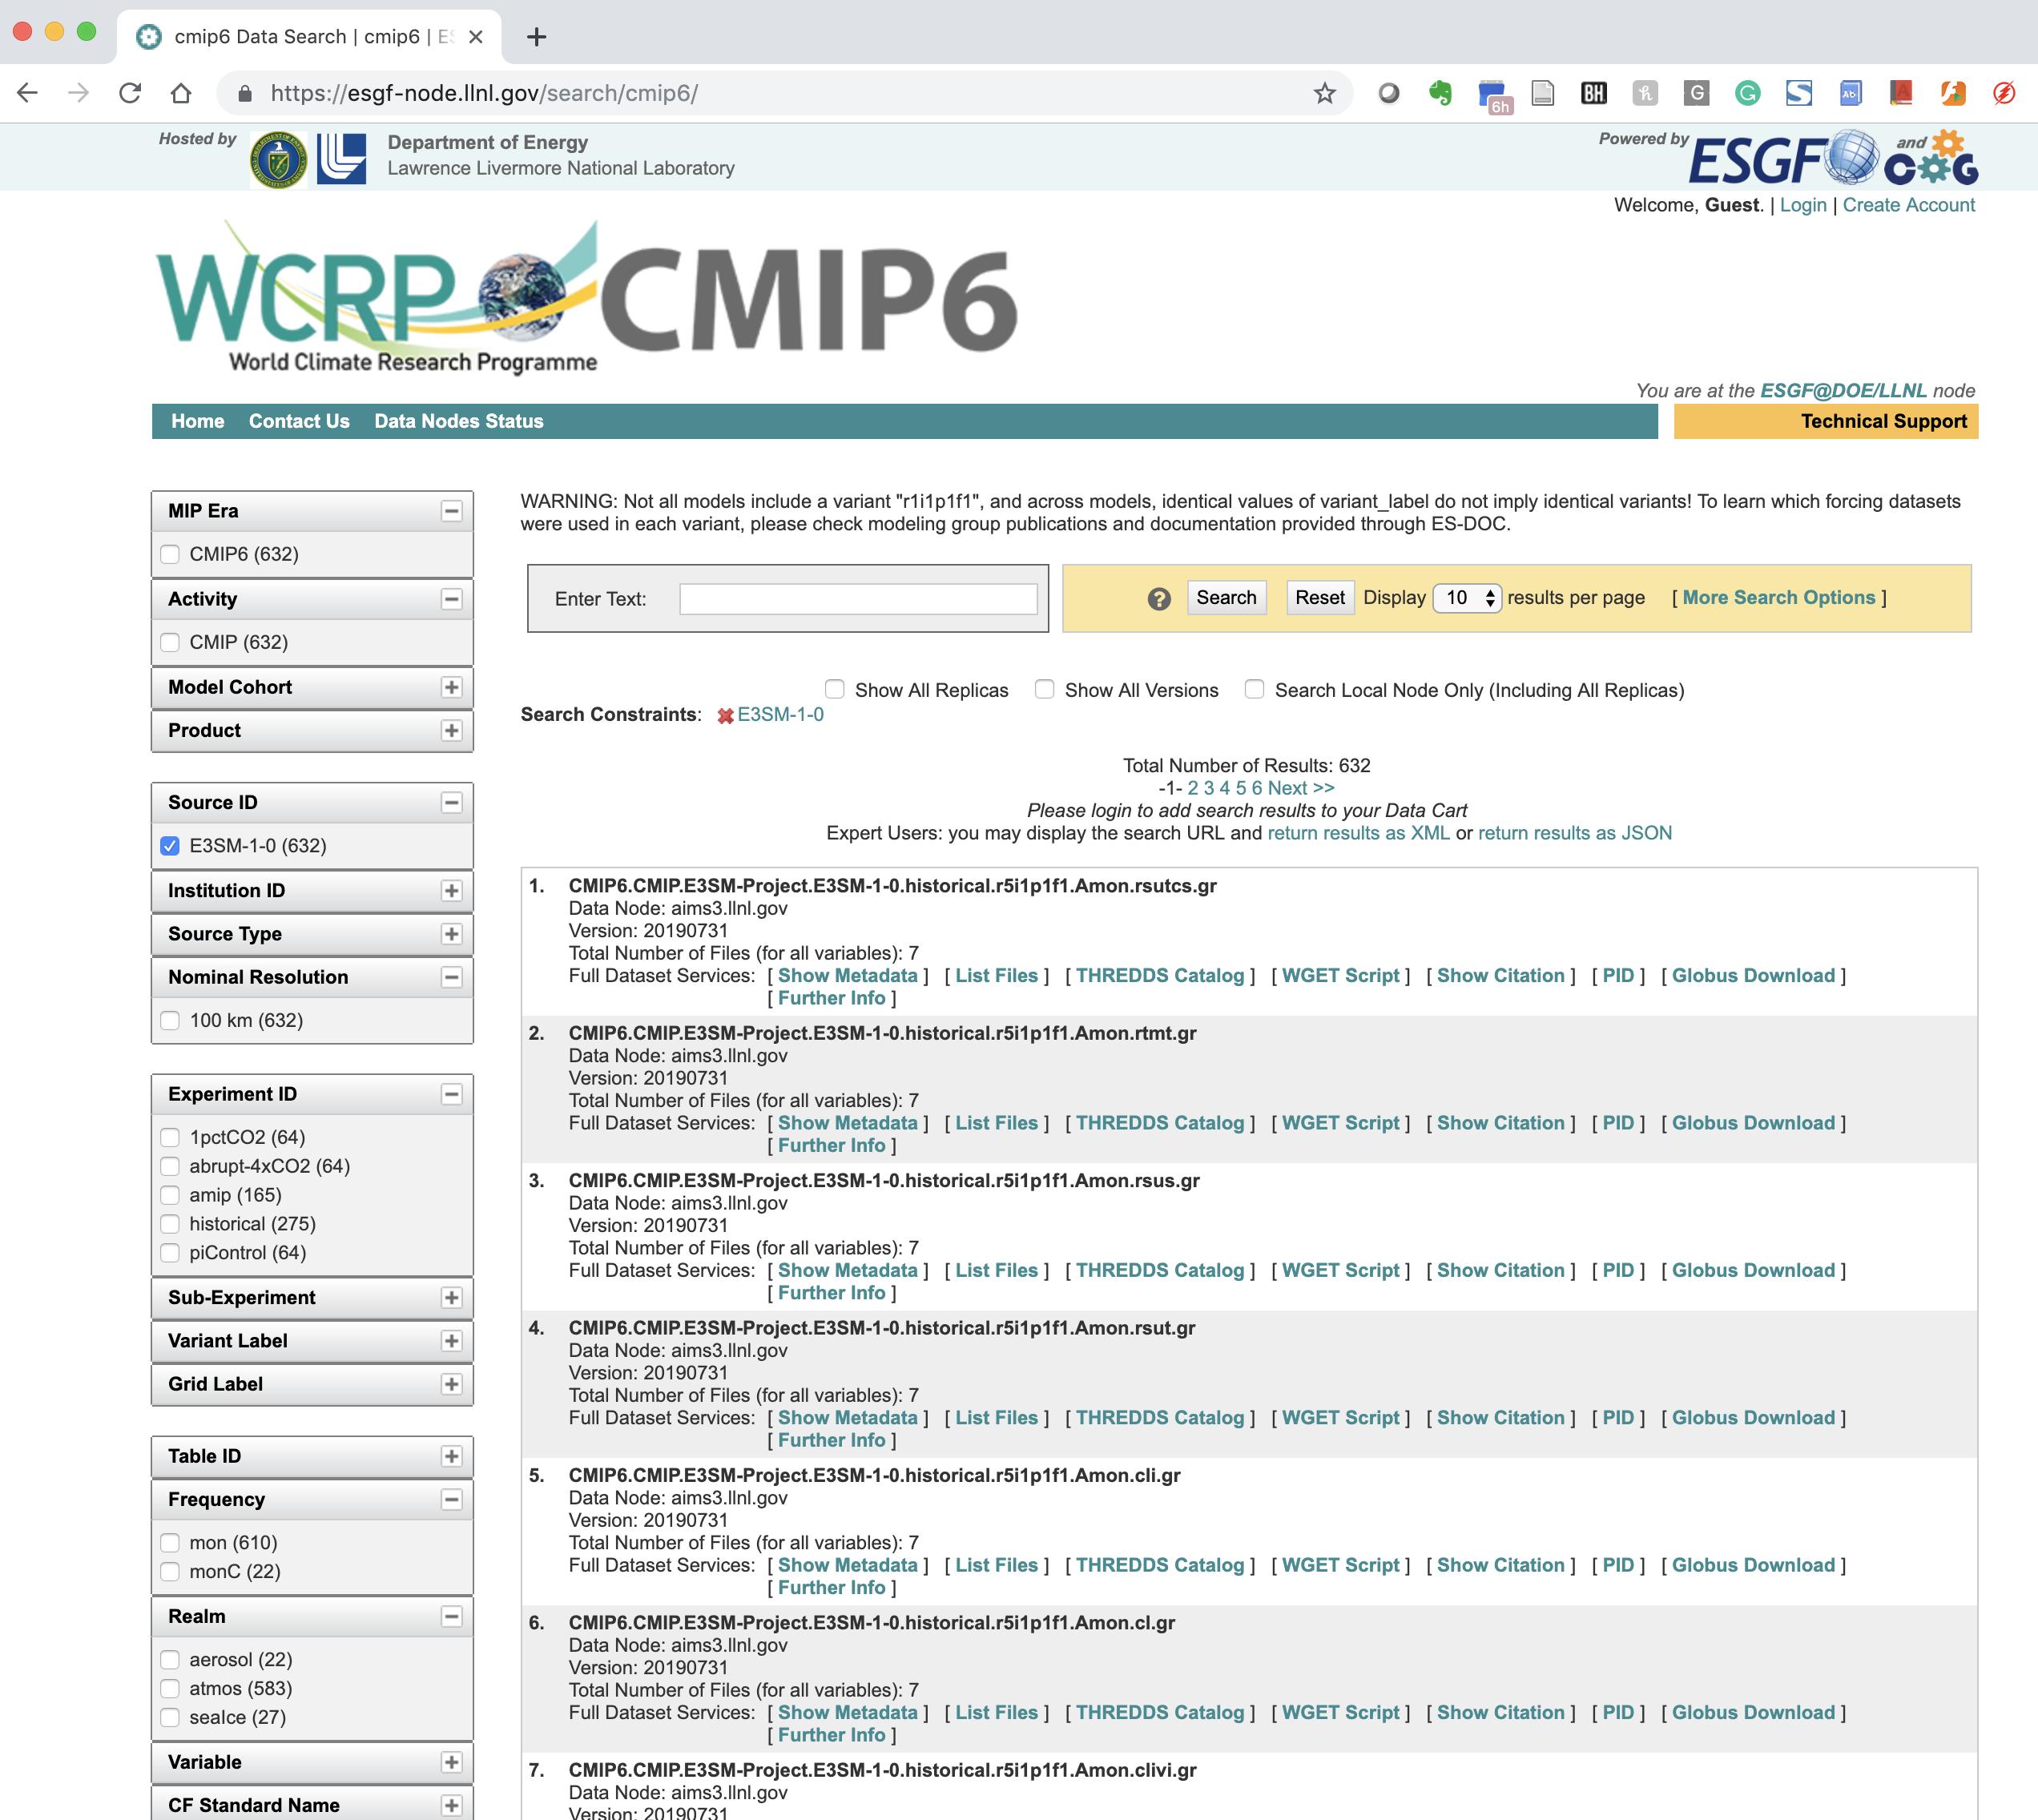 E3SM data in CMIP6 ESGF Archives